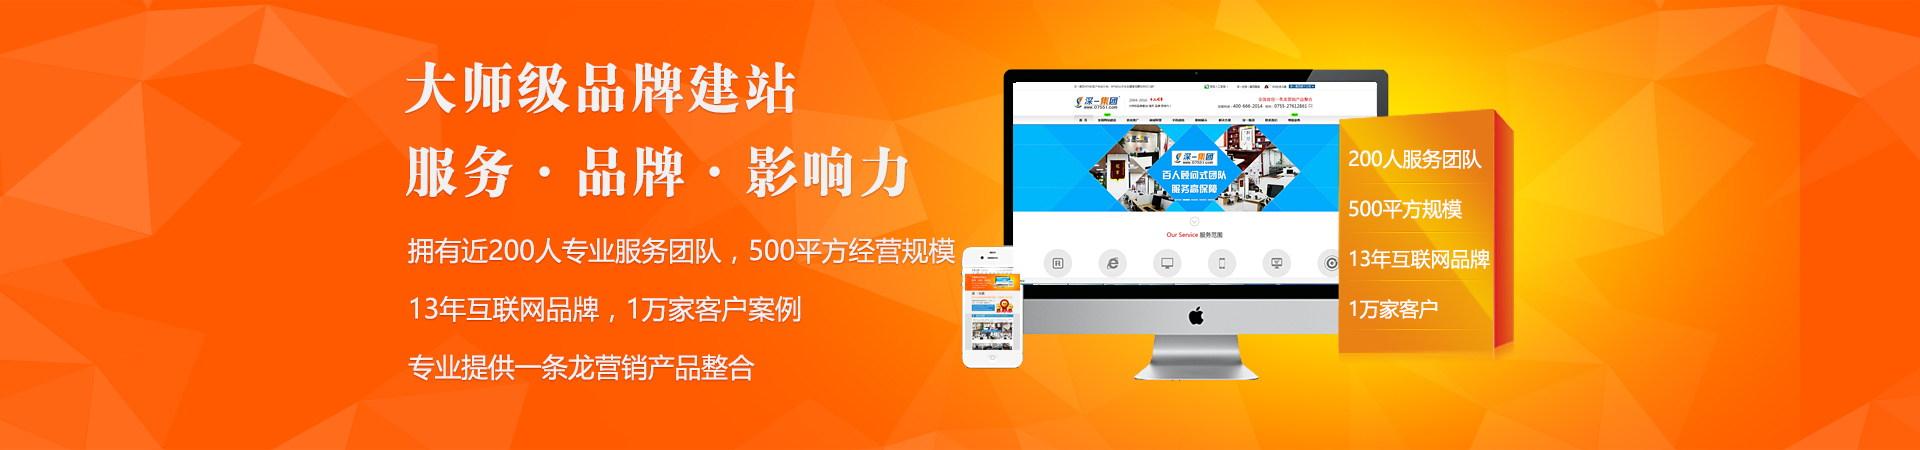 临沧网络公司